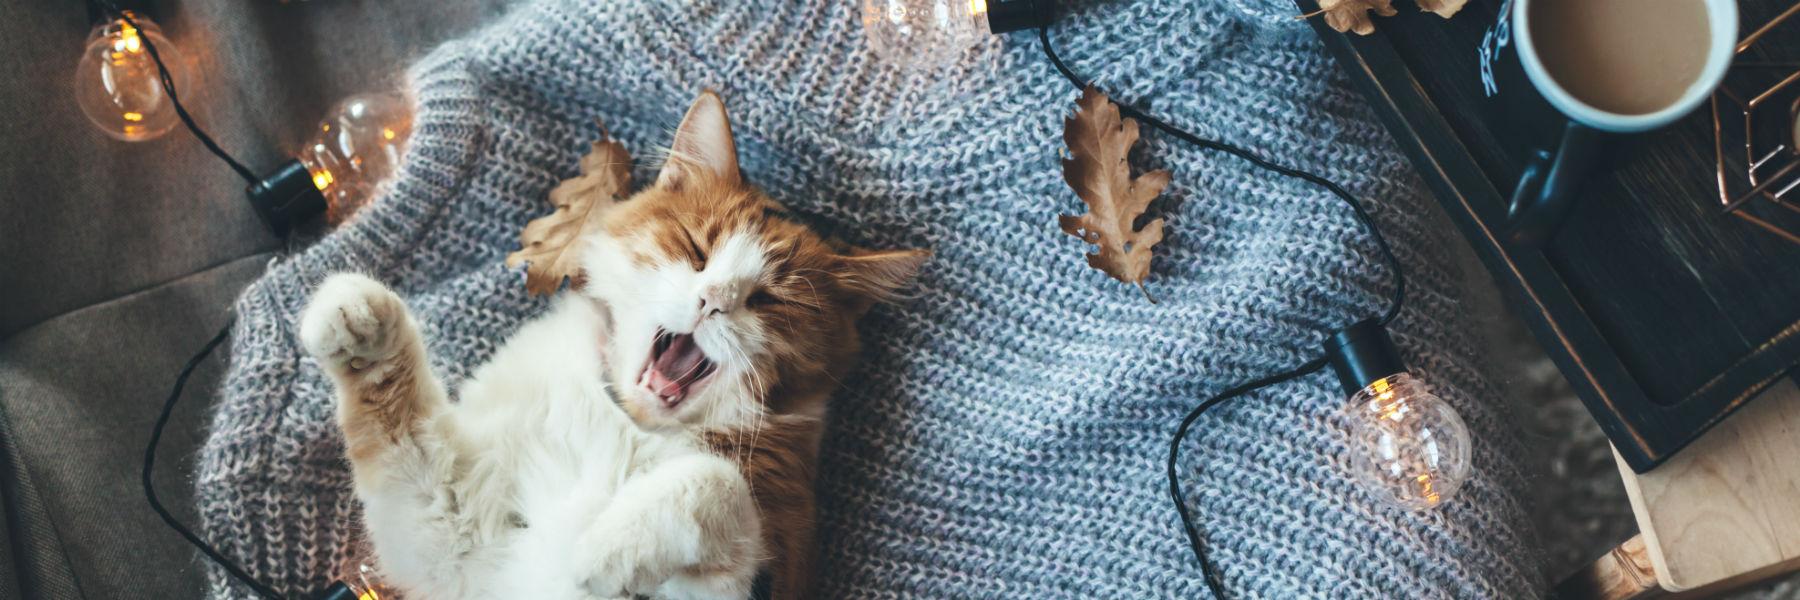 miedzynarodowy dzien kota